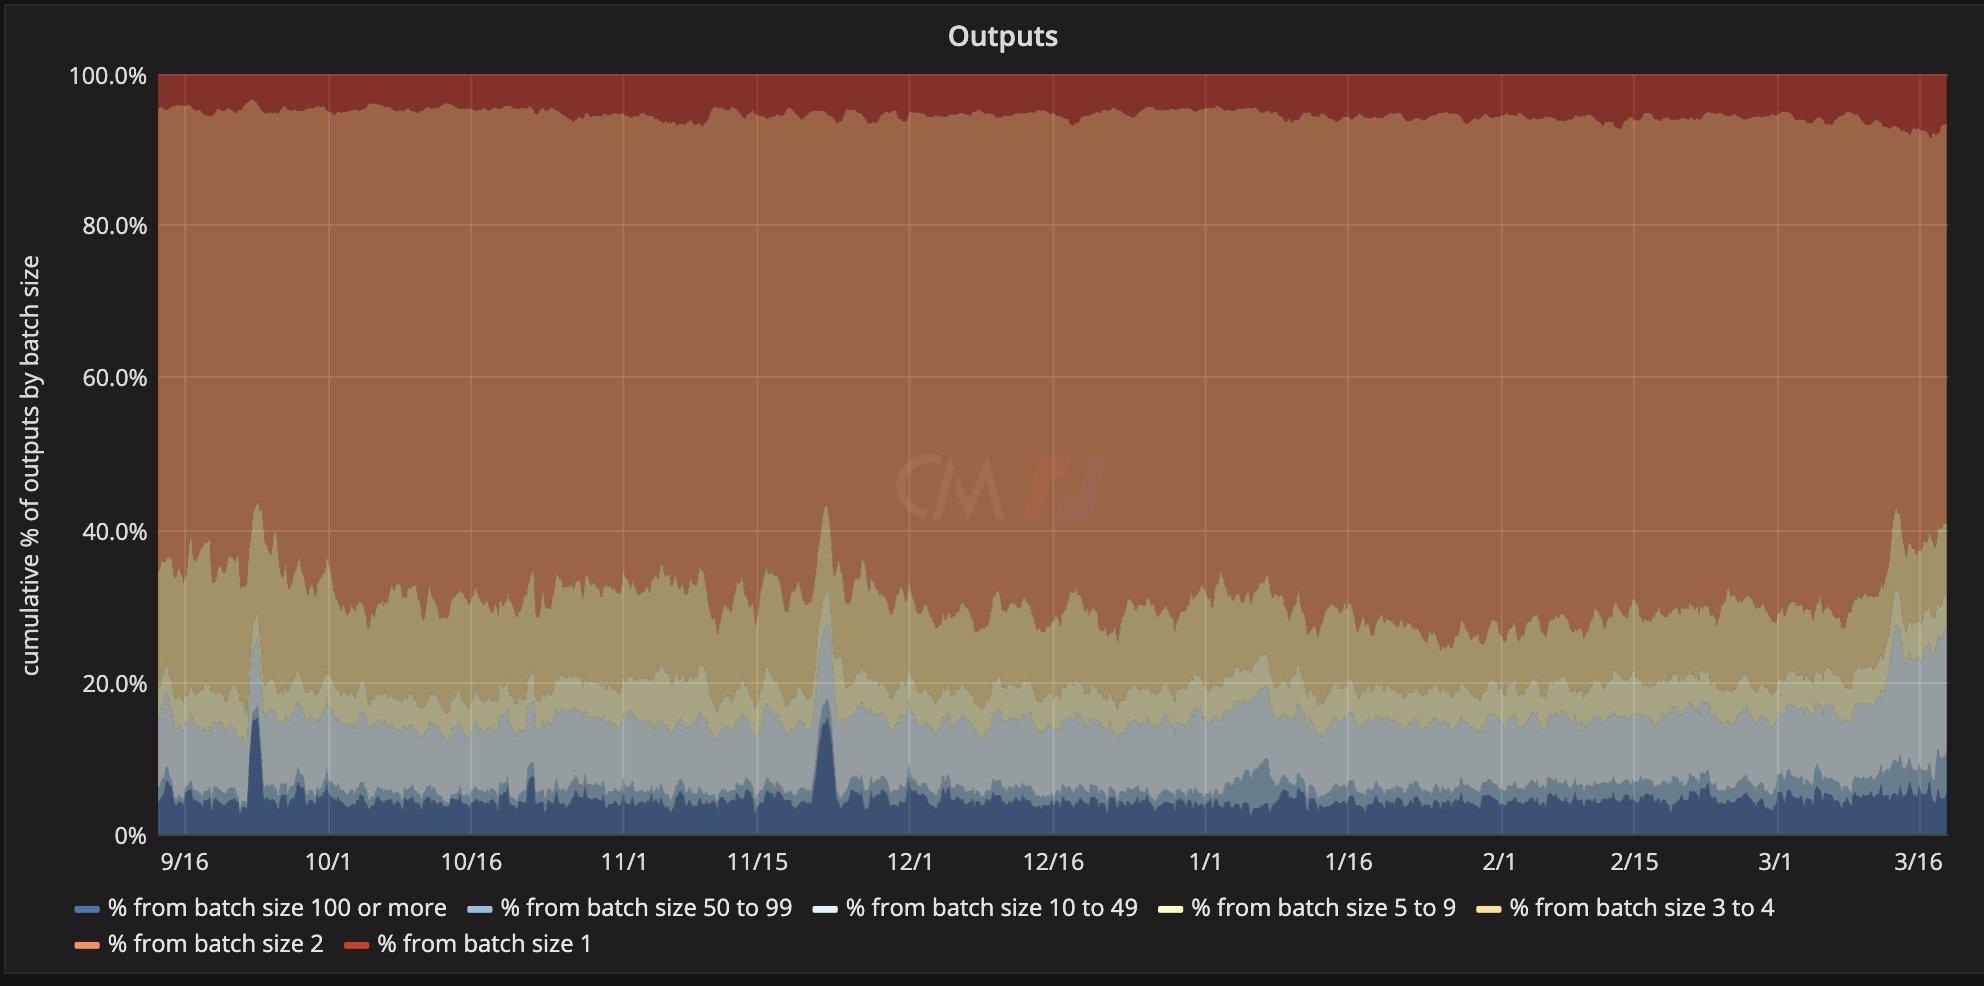 mais transações maiores na rede (mais outputs)